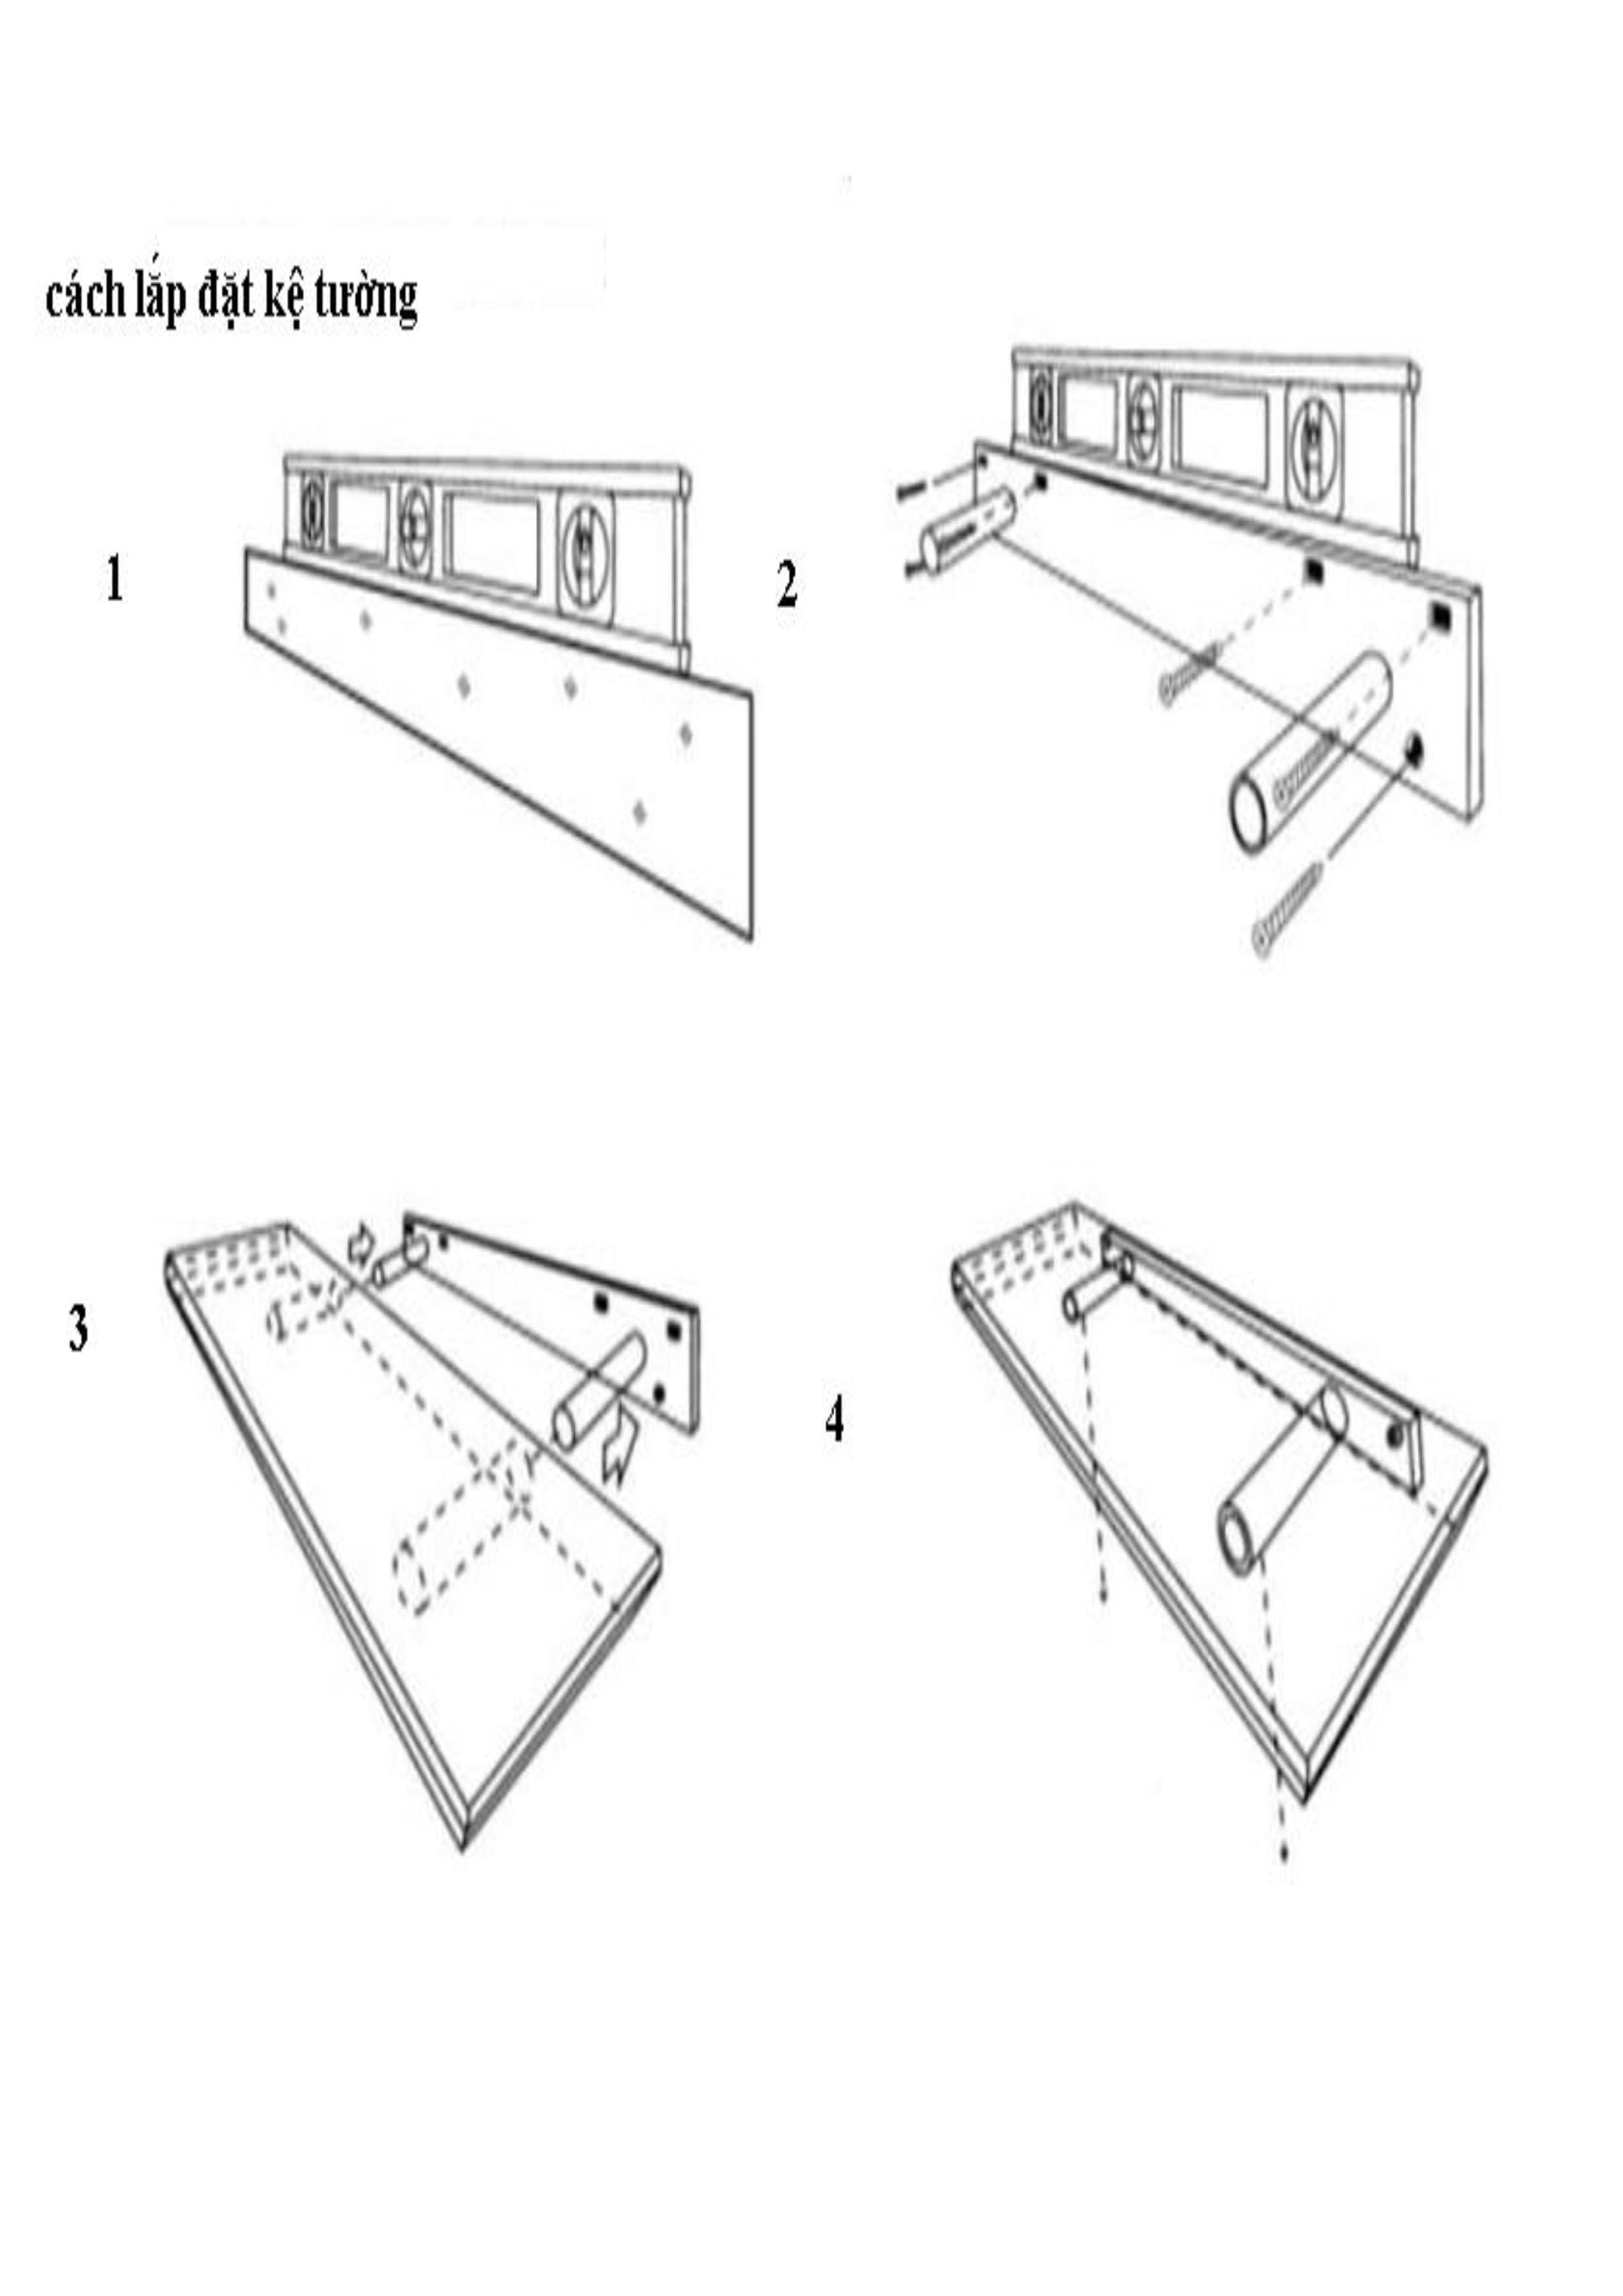 [COMBO] Bộ 2 Kệ treo tường cạnh thẳng American Home Decor - White